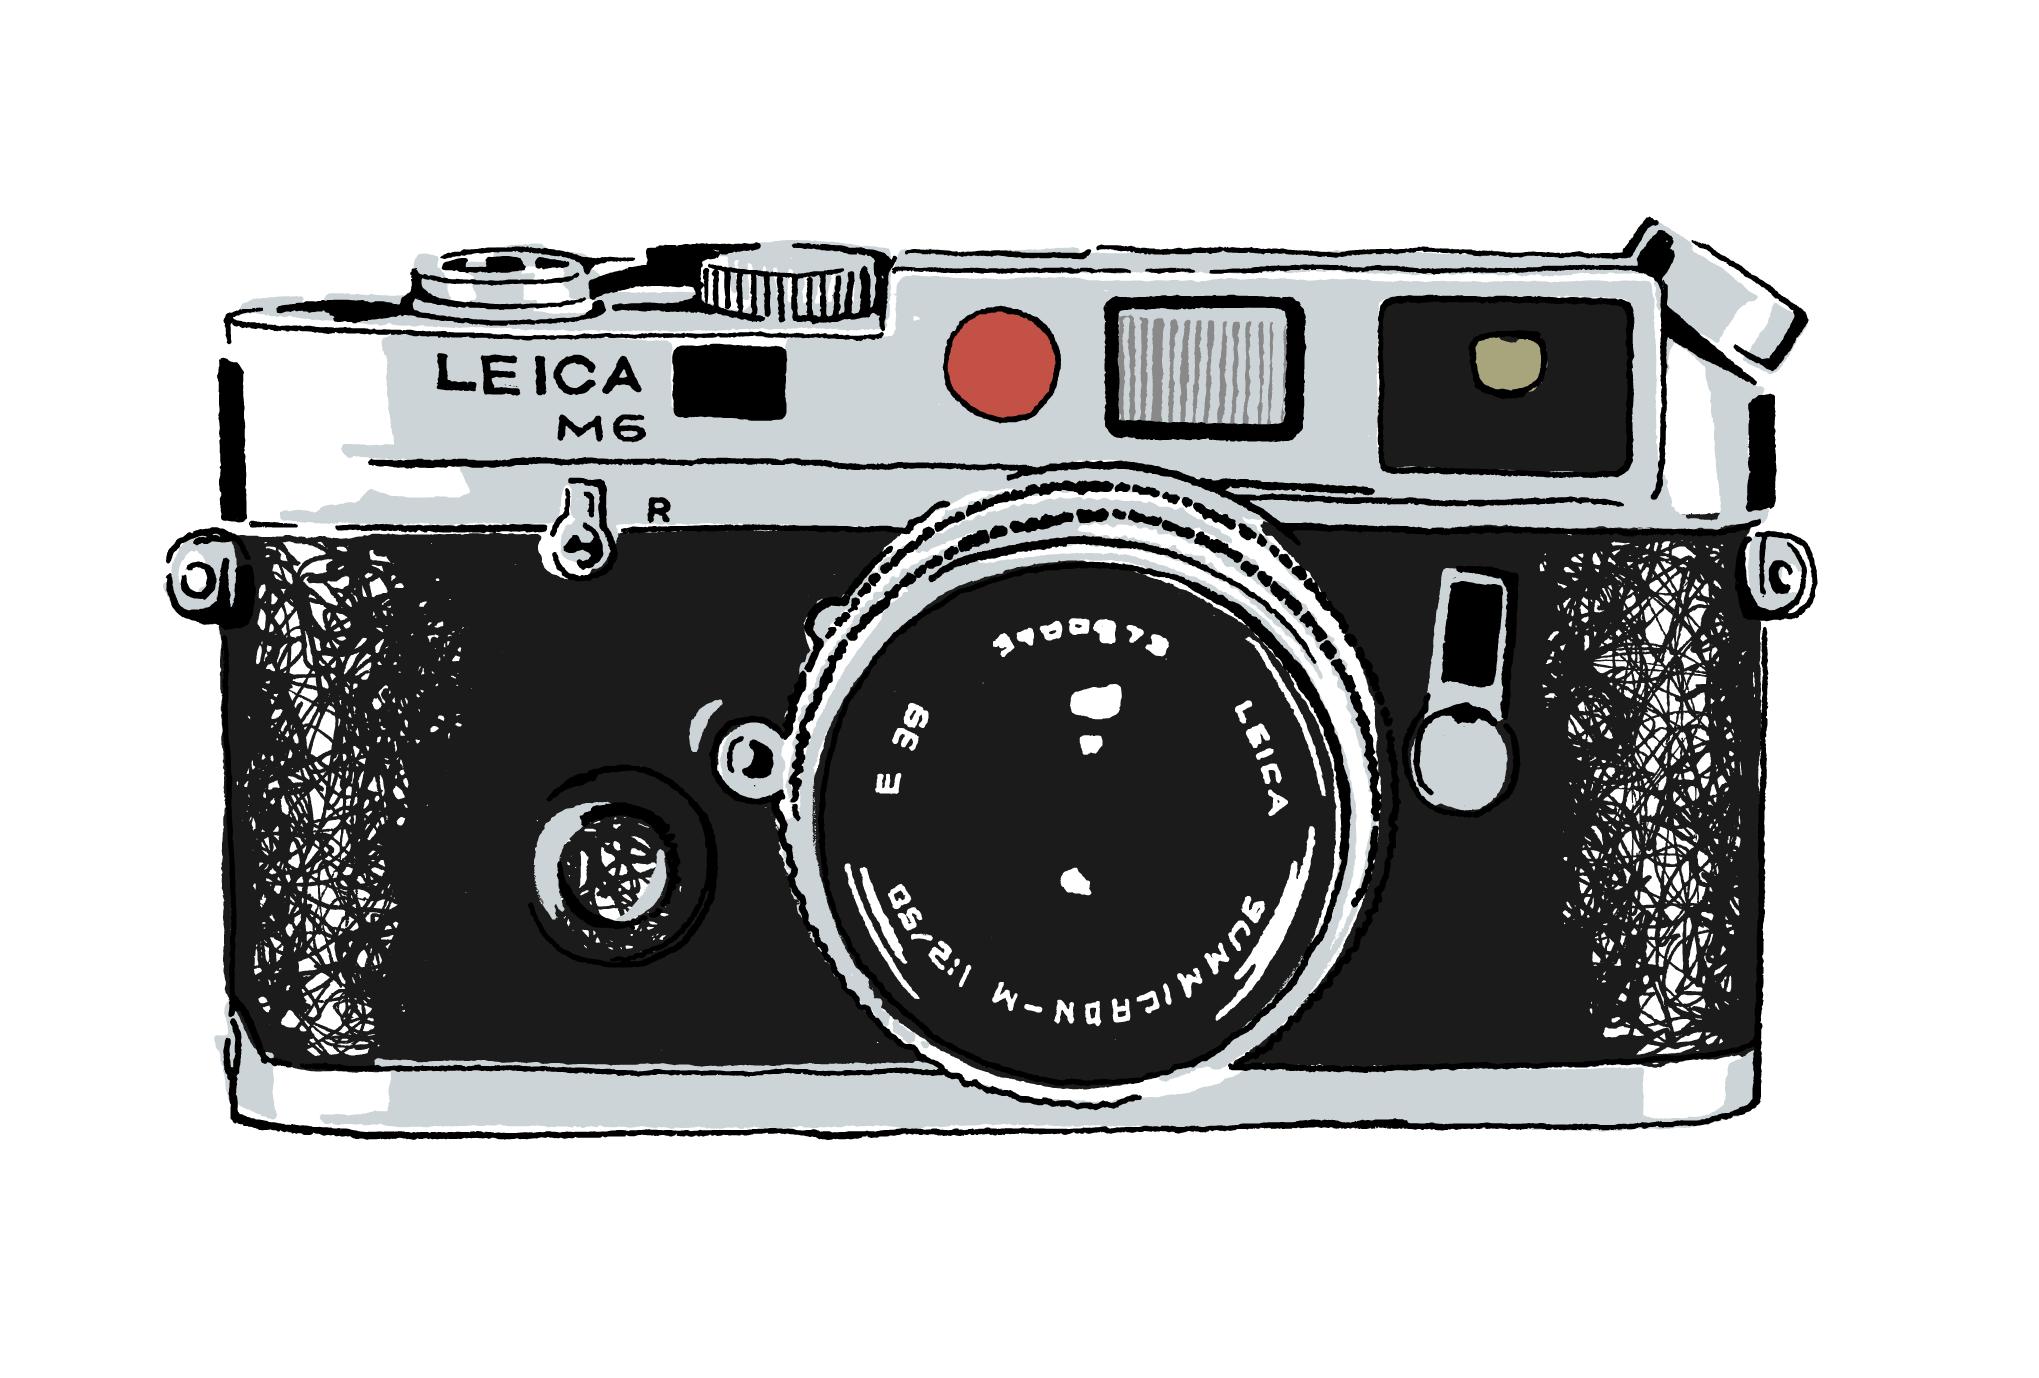 ポストカード25:LEICAのダウンロード画像